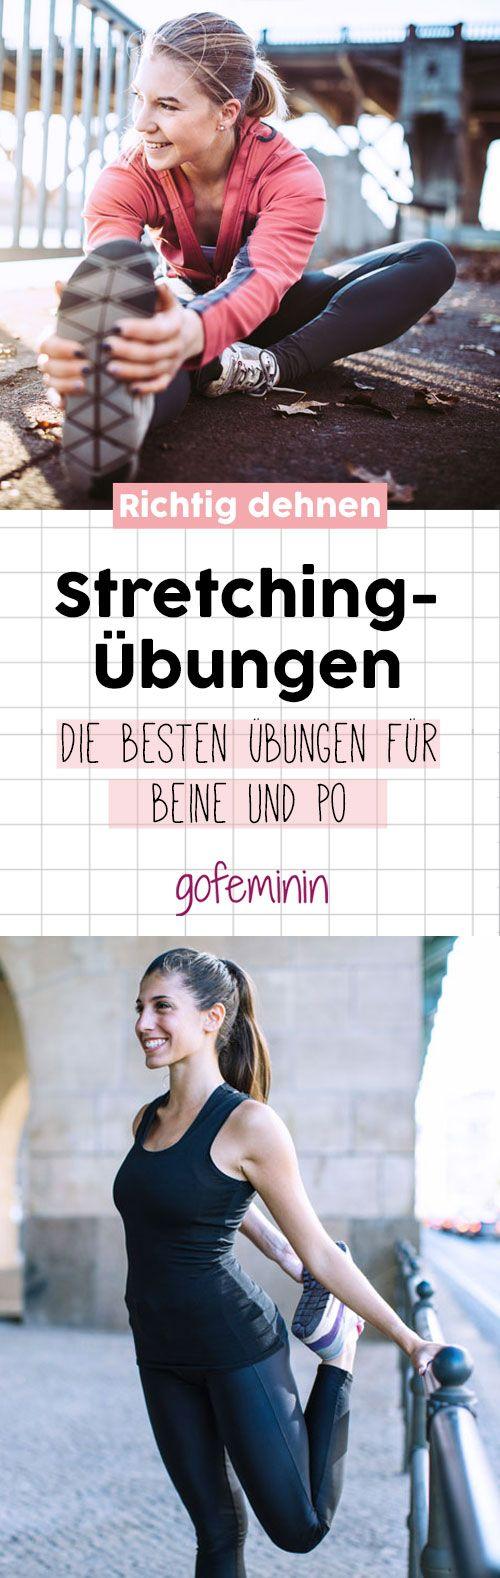 Wir zeigen euch die besten Stretching-Übungen für mehr Beweglichkeit. #sport #fitness #warm up #cool down #workout #fit #strong #stretching #dehnen